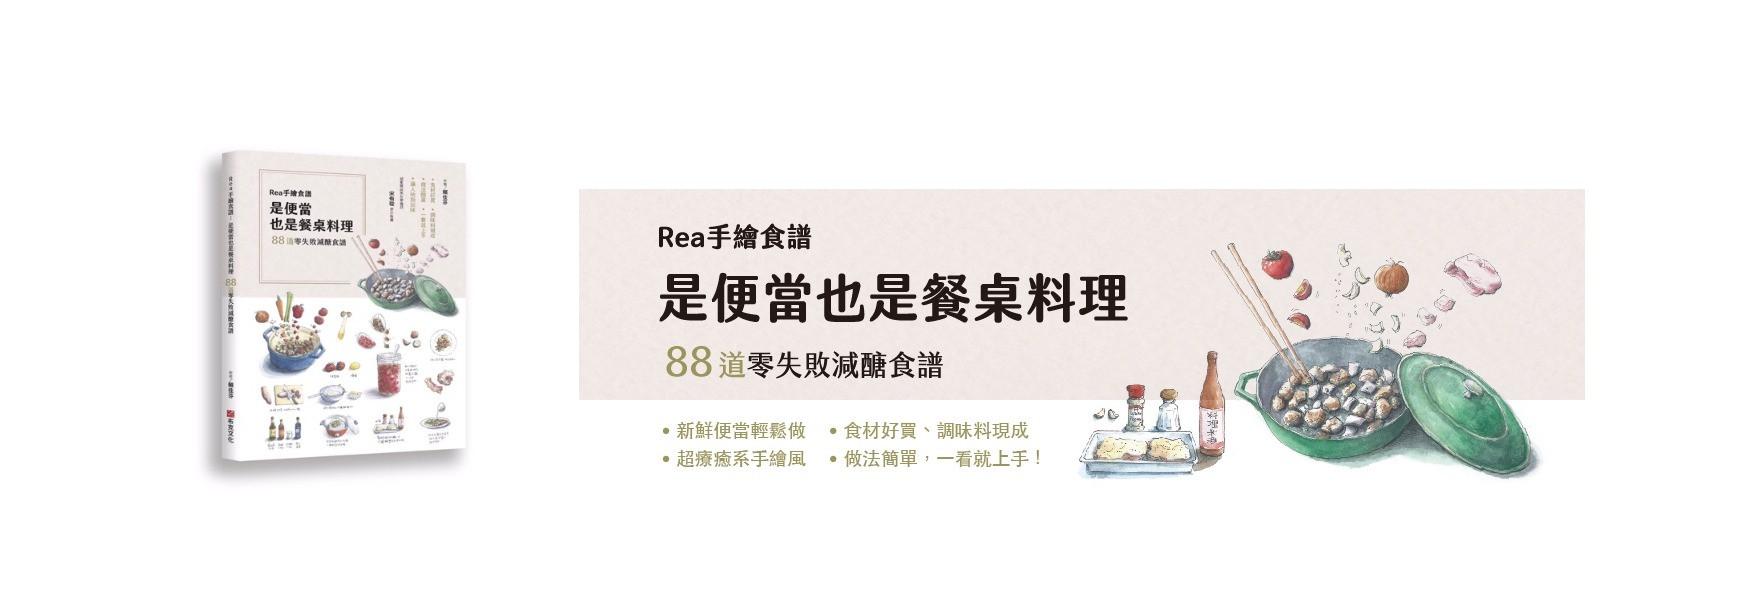 Rea手繪食譜 的個人封面